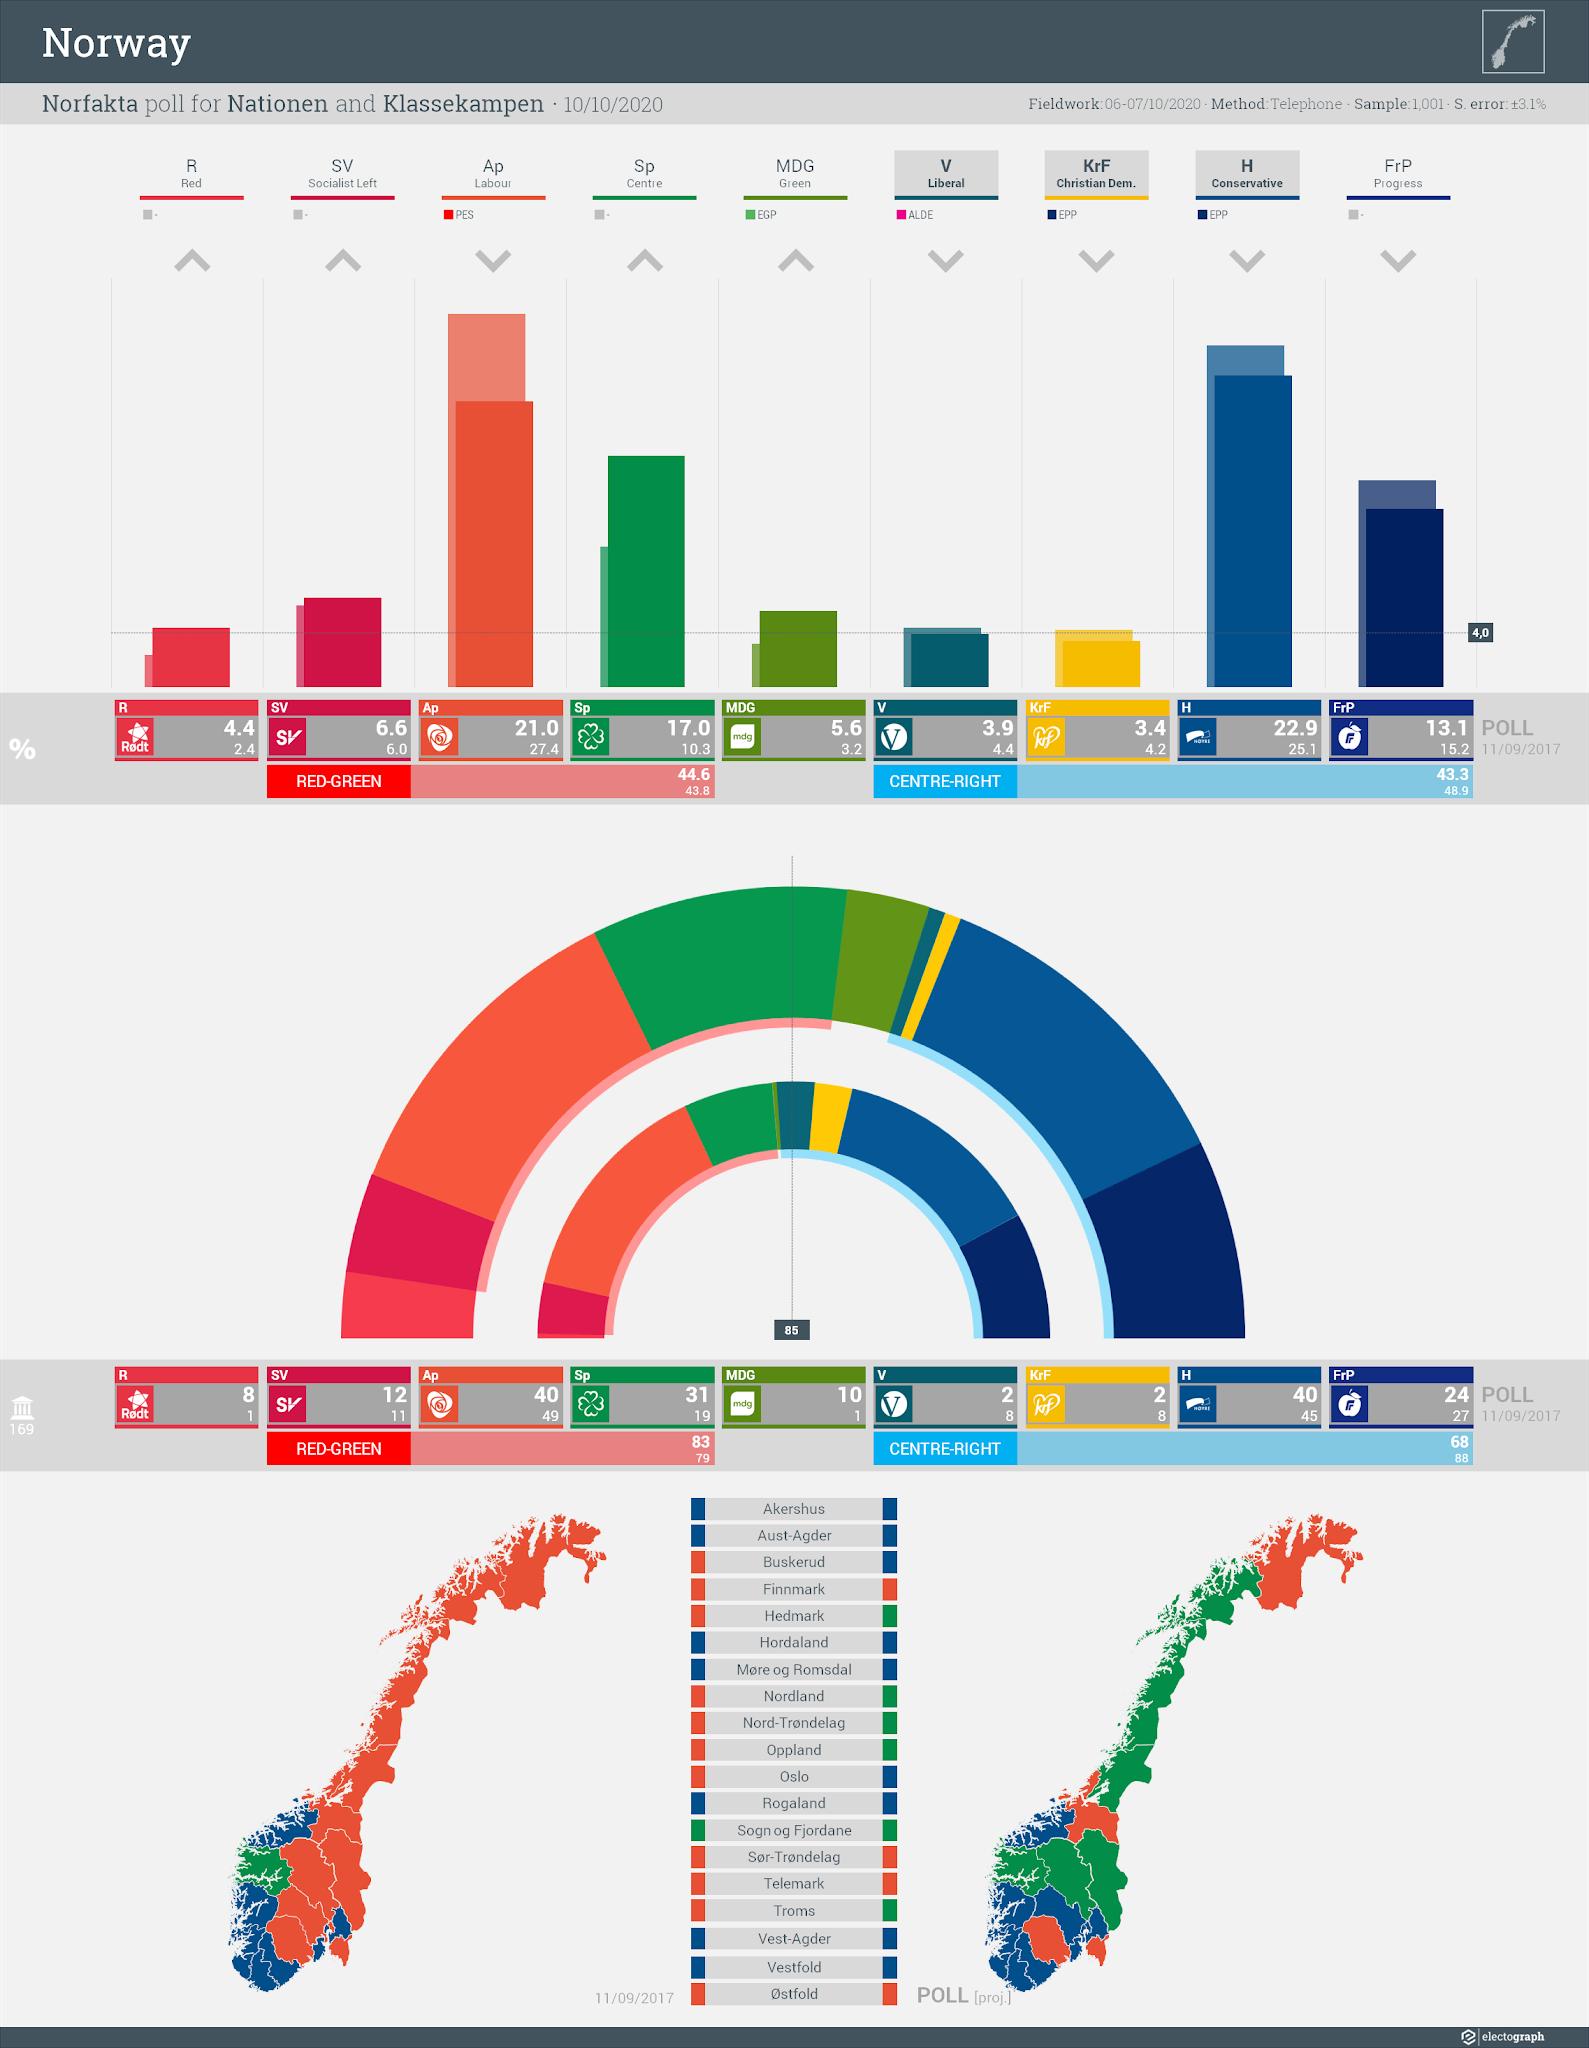 NORWAY: Norfakta poll chart for Nationen and Klassekampen, 10 October 2020